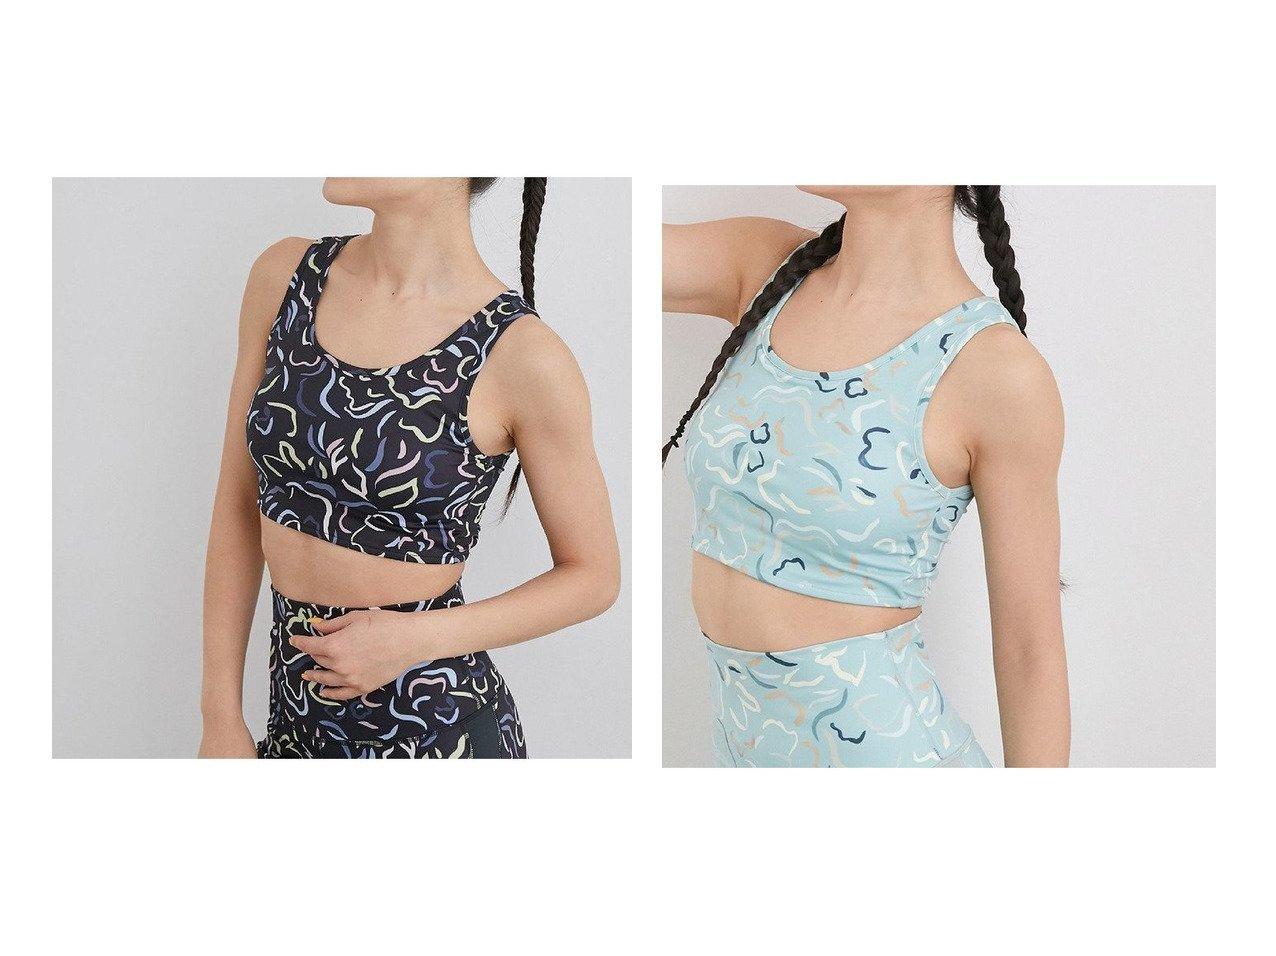 【NERGY/ナージー】の【Active Suit】抗菌&防臭 スプリングフラワープリントブラトップ スポーツ・ヨガウェア、運動・ダイエットグッズなどのおすすめ!人気ファッション通販 おすすめで人気の流行・トレンド、ファッションの通販商品 メンズファッション・キッズファッション・インテリア・家具・レディースファッション・服の通販 founy(ファニー) https://founy.com/ ファッション Fashion レディースファッション WOMEN 春 Spring 抗菌 スポーツ スーツ タイツ 手描き フラワー ブラジャー プリント ヨガ ワーク NEW・新作・新着・新入荷 New Arrivals |ID:crp329100000023629